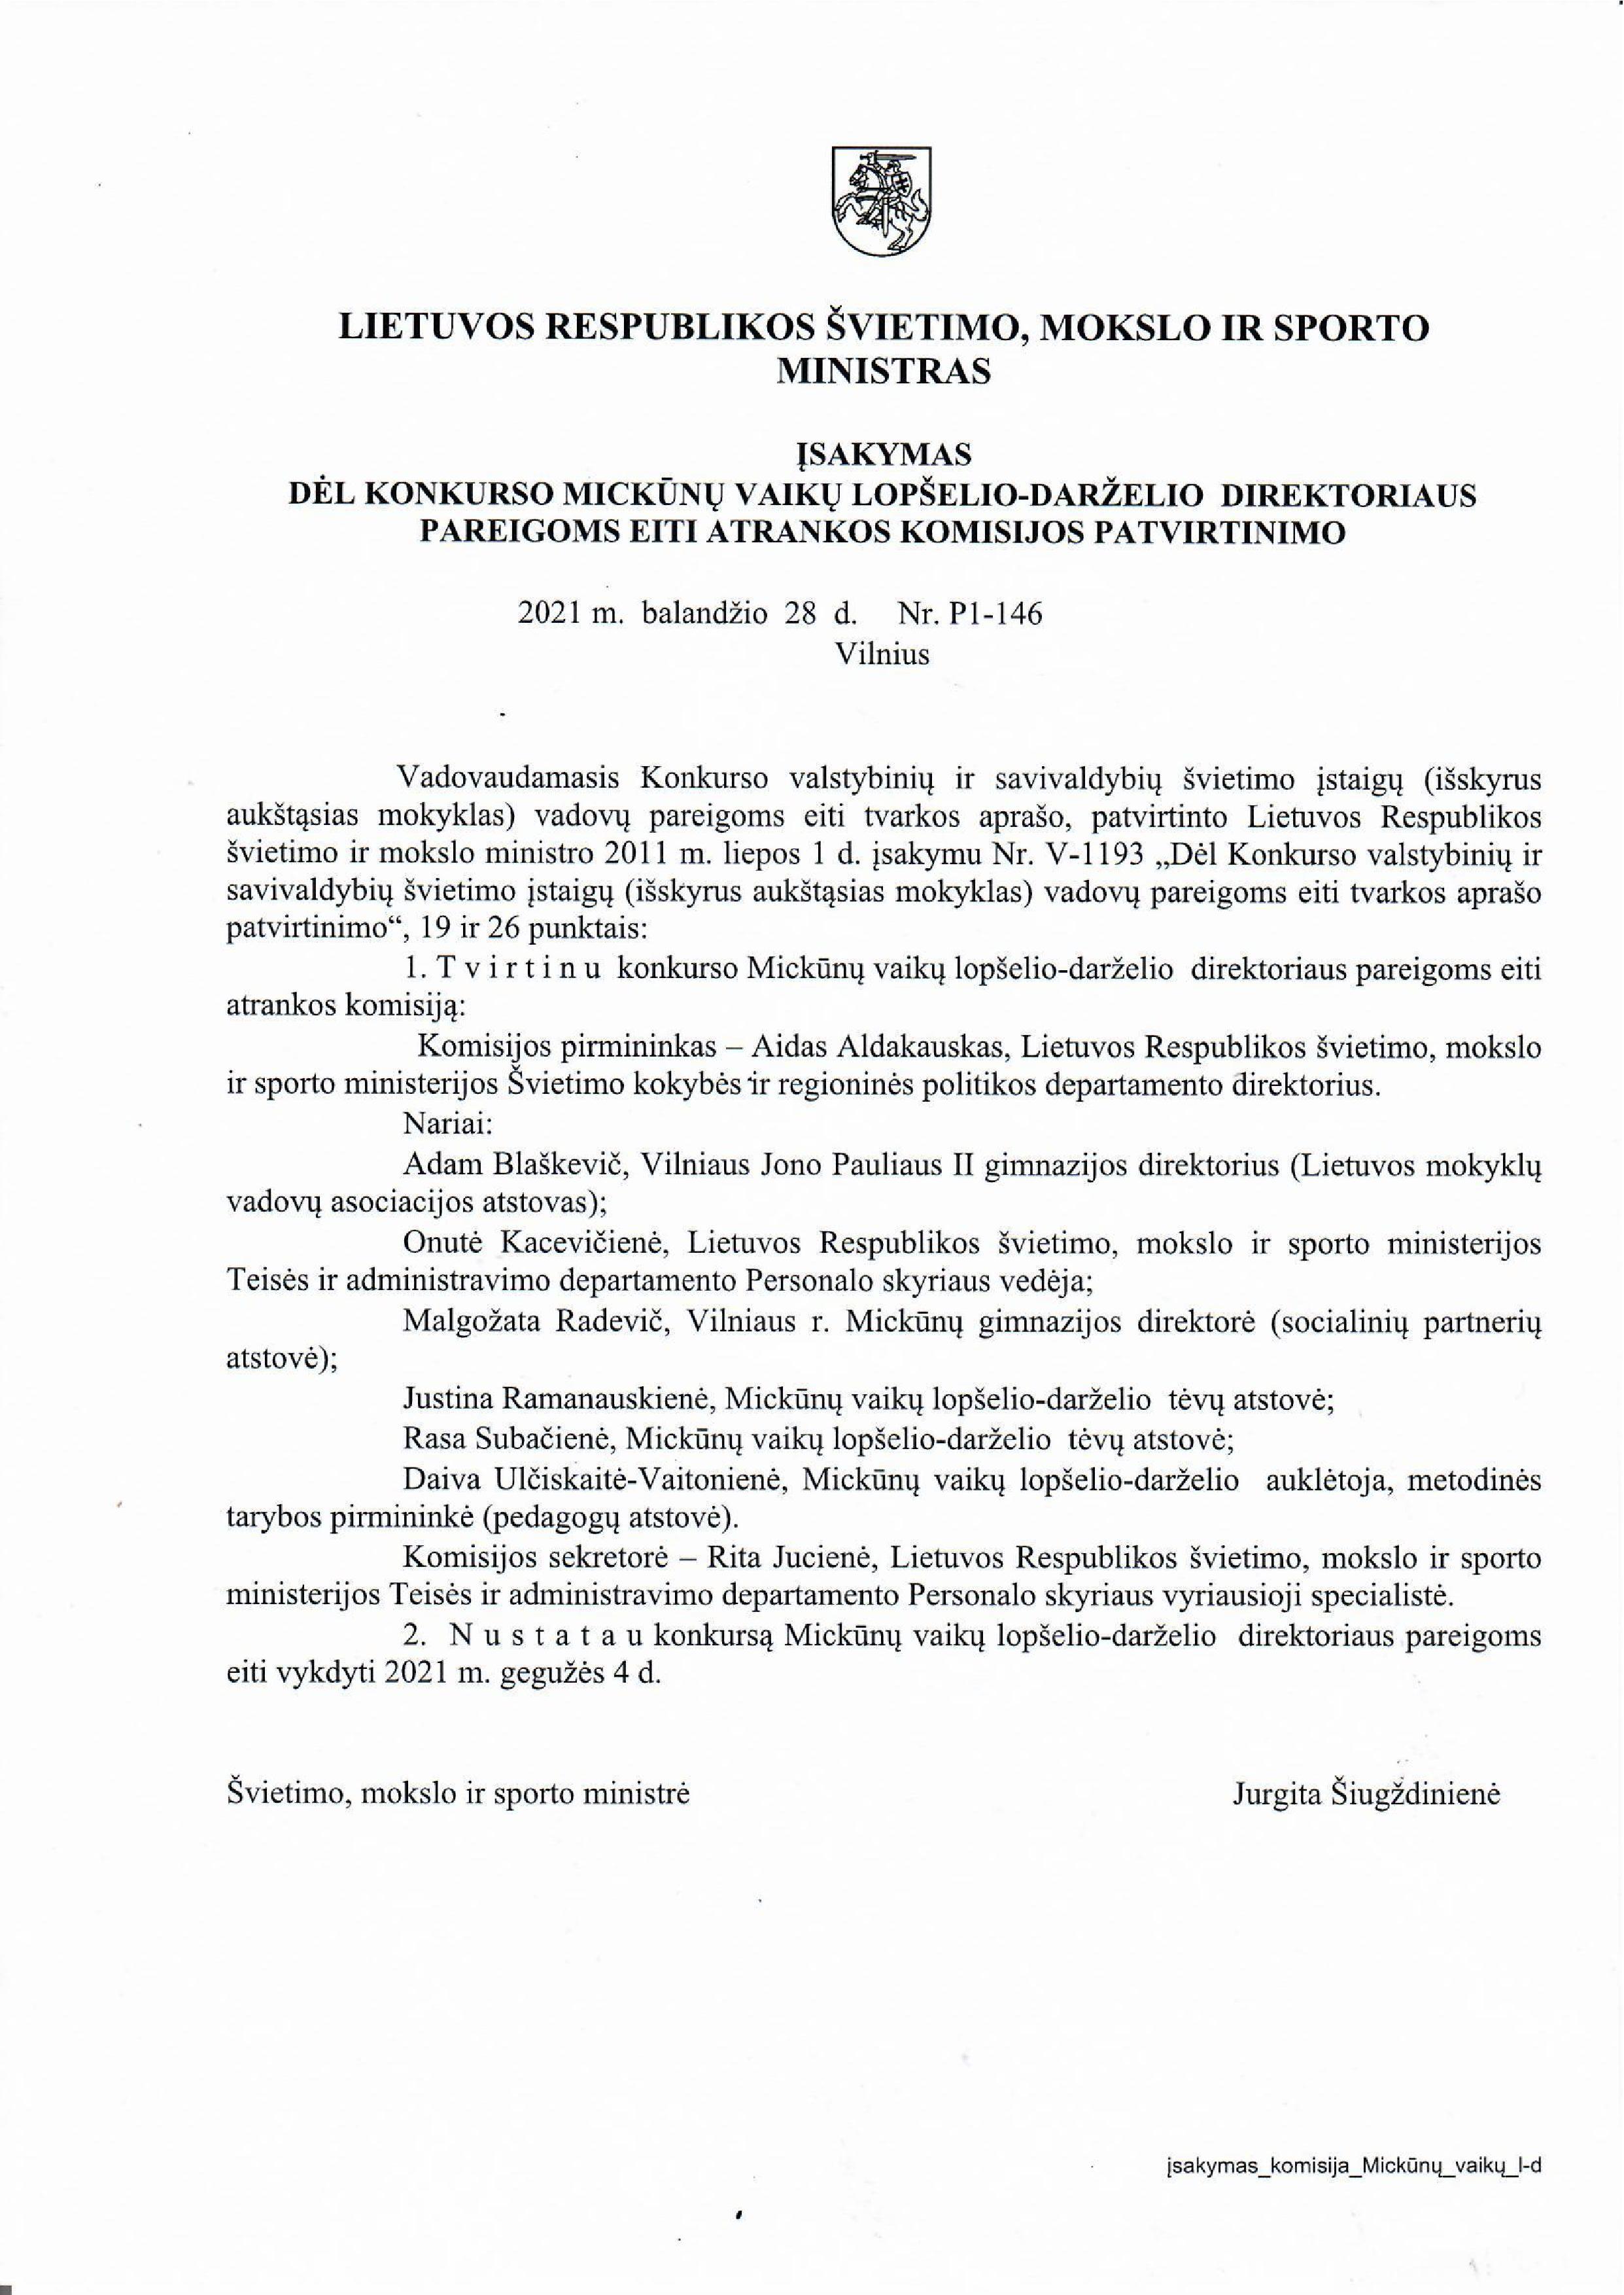 ŠMSM įsakymas dėl komisijos sudarymo-page-001